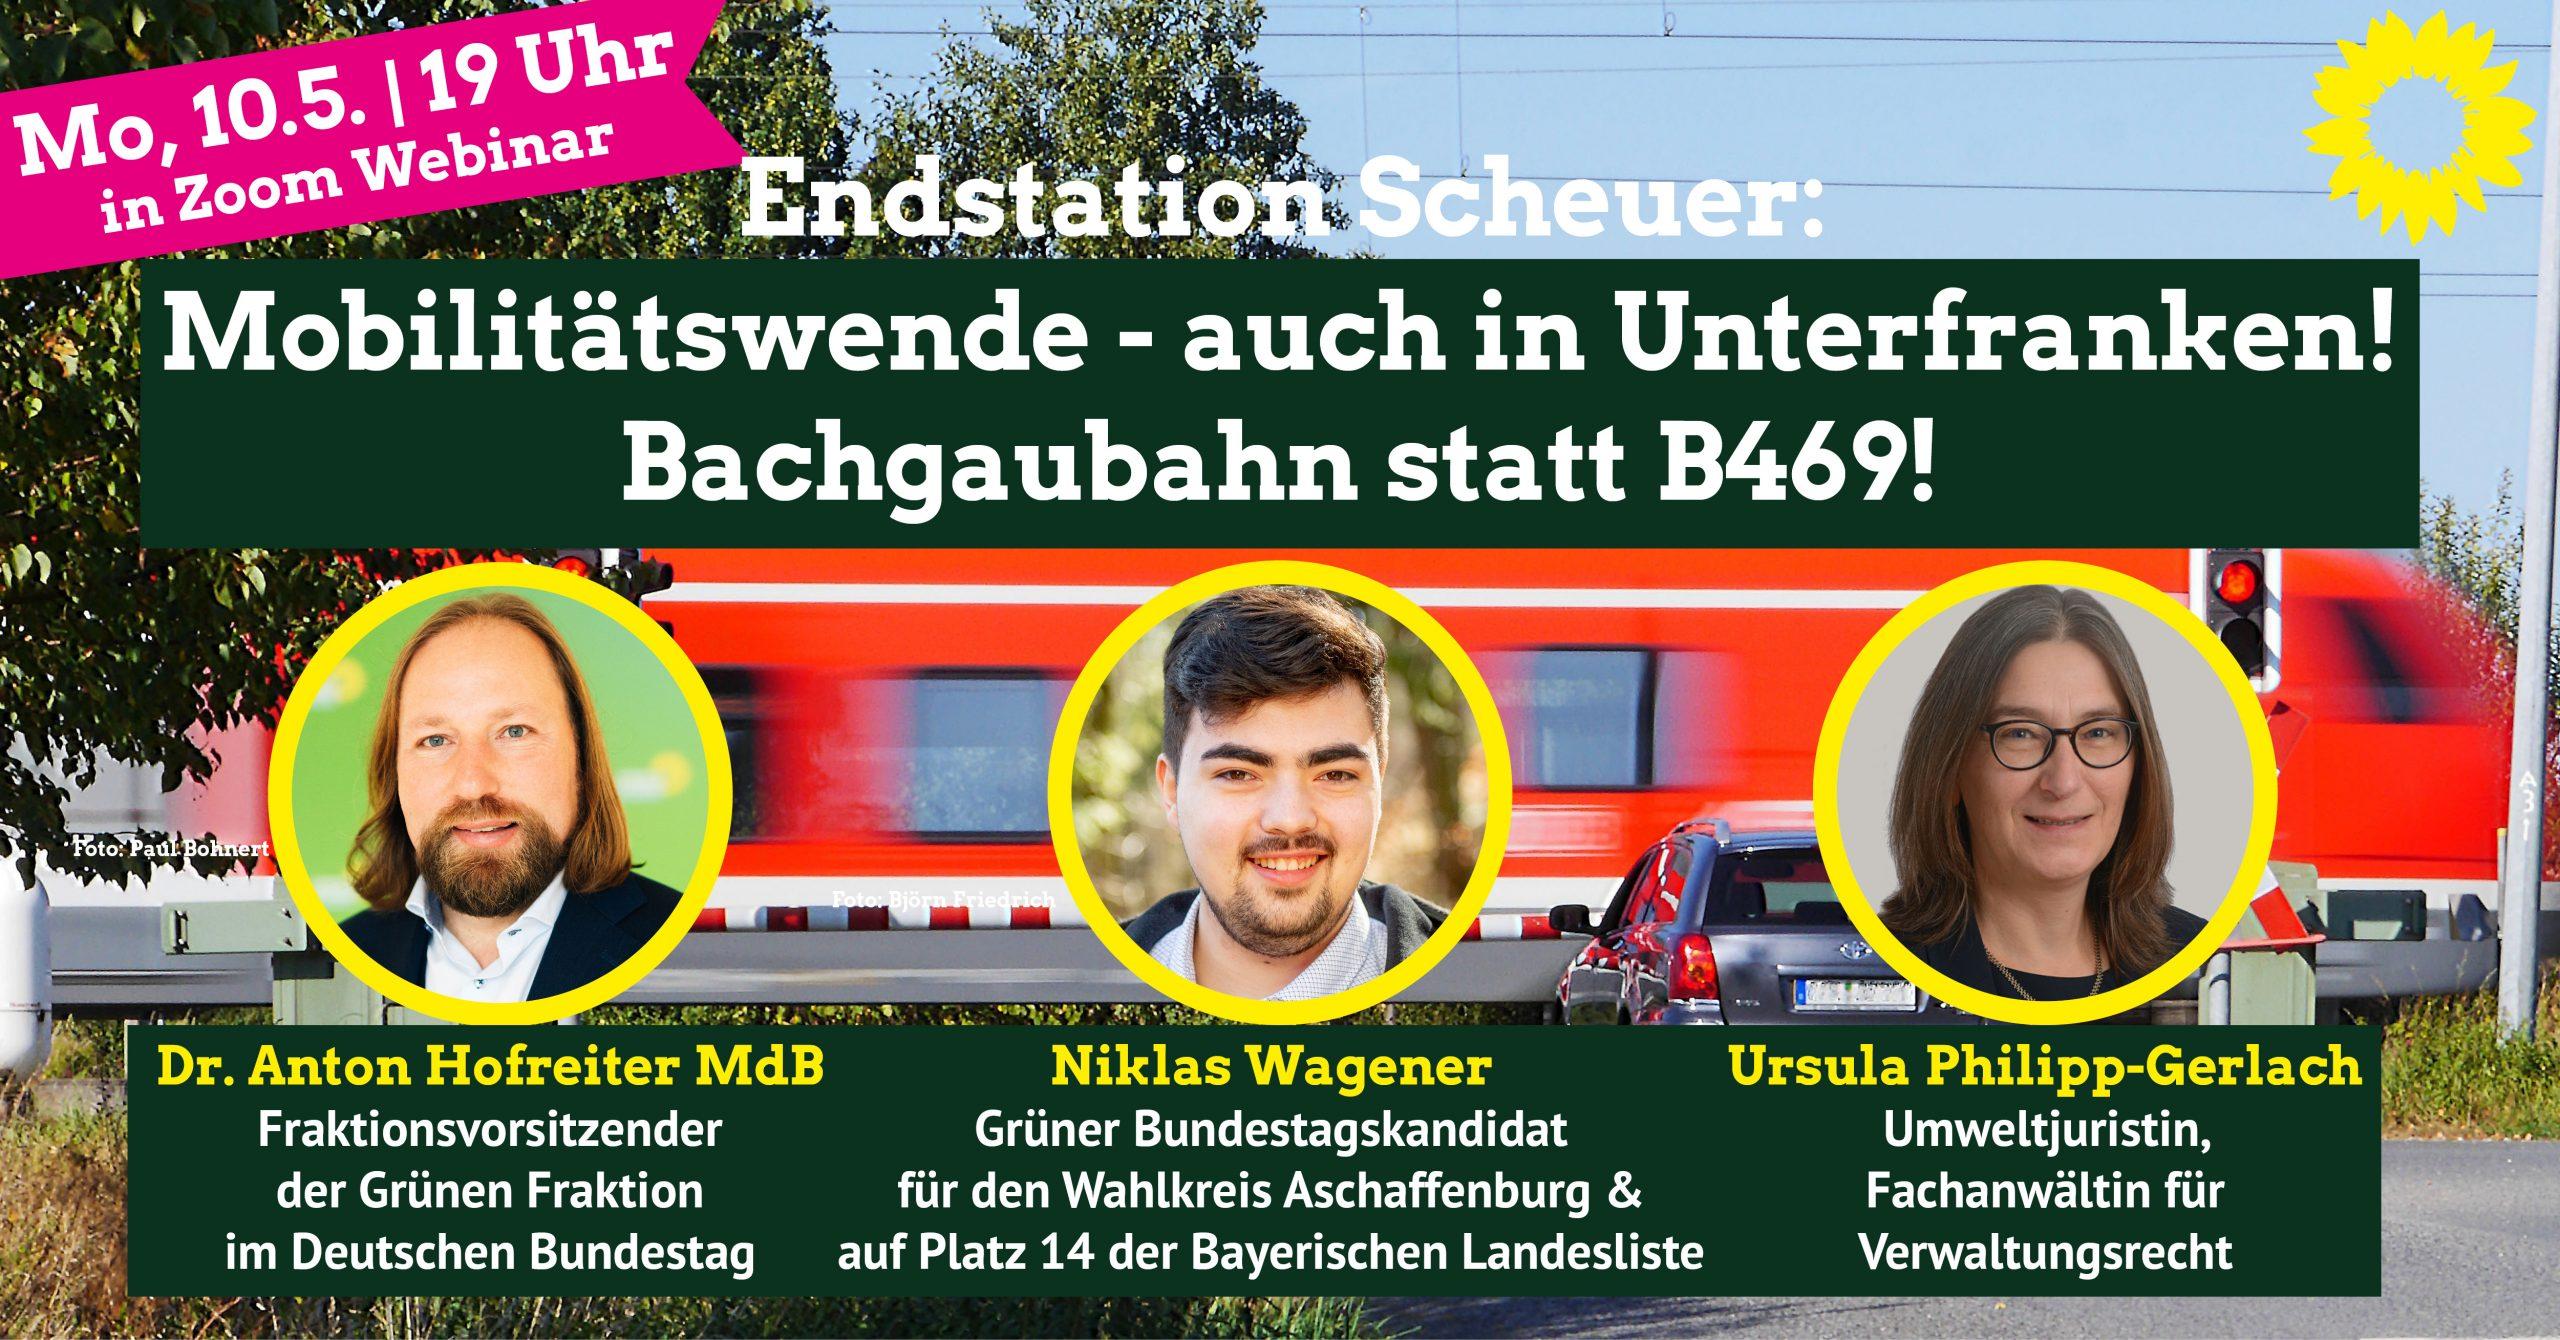 Mobilitätswende auch in Unterfranken – Bachgaubahn statt B469!